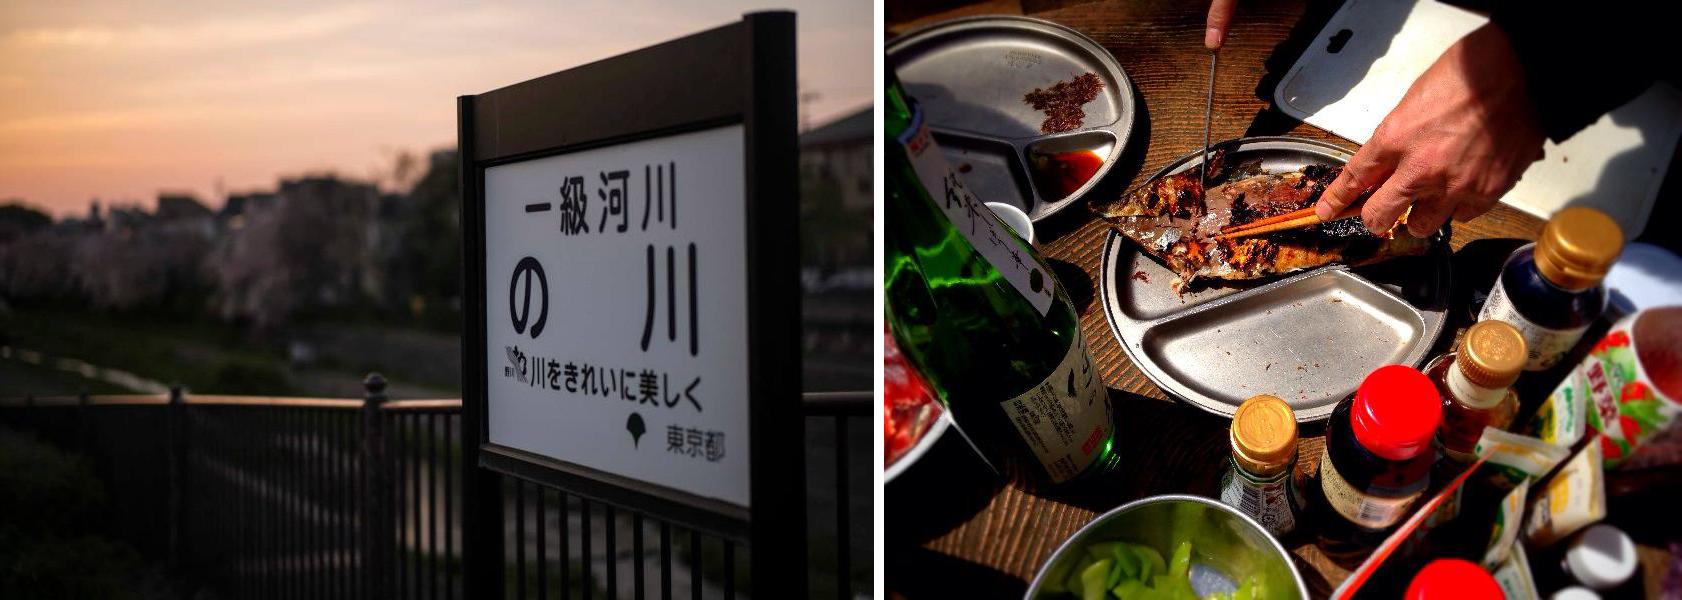 hanami2014_musashinokoen